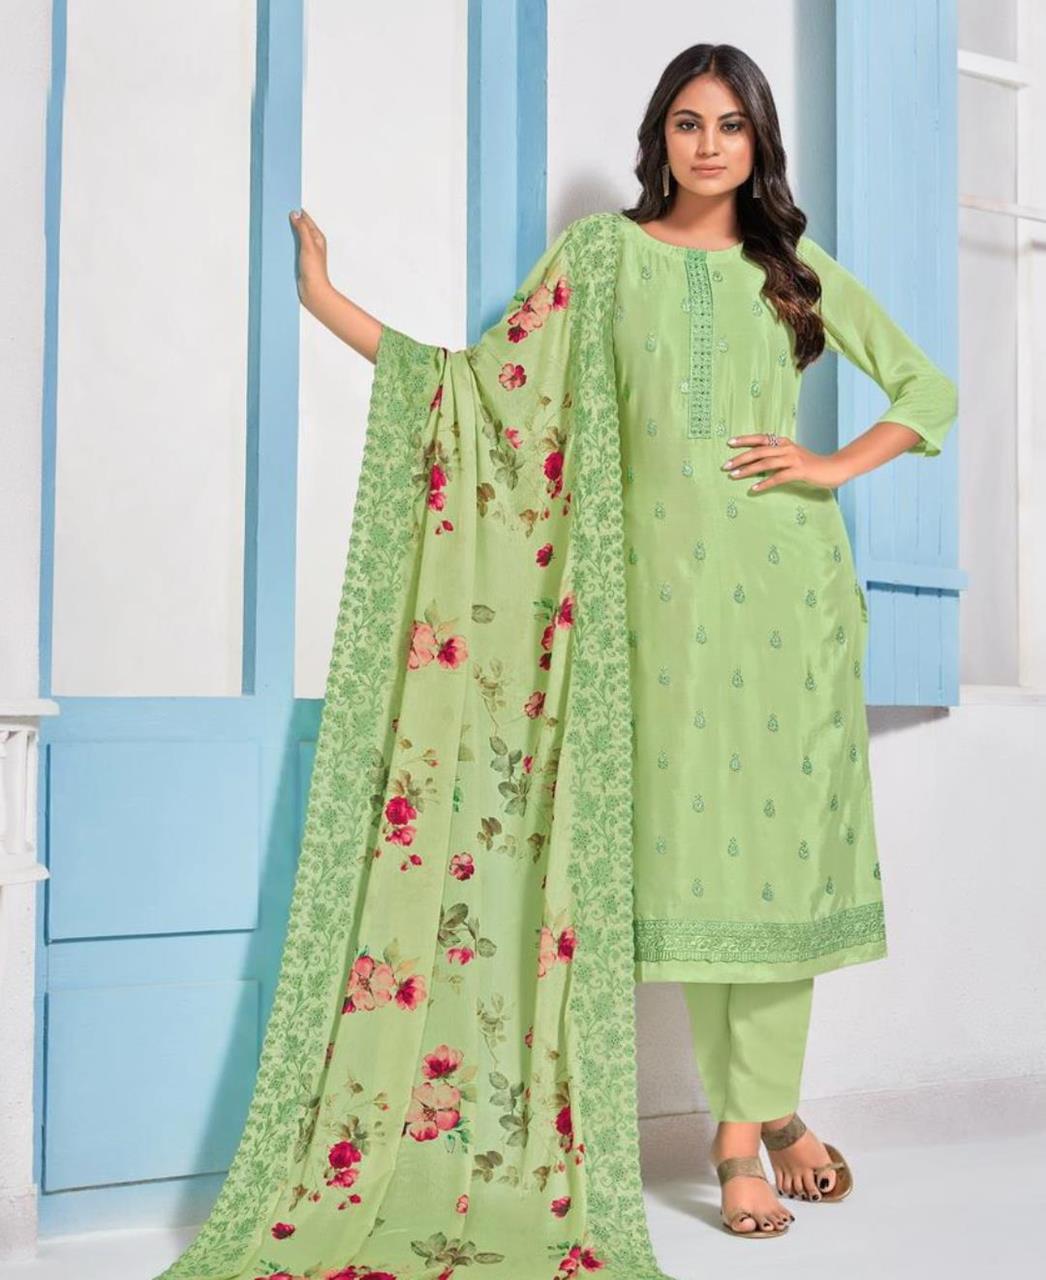 Printed Crepe Straight cut Salwar Kameez in Light Green